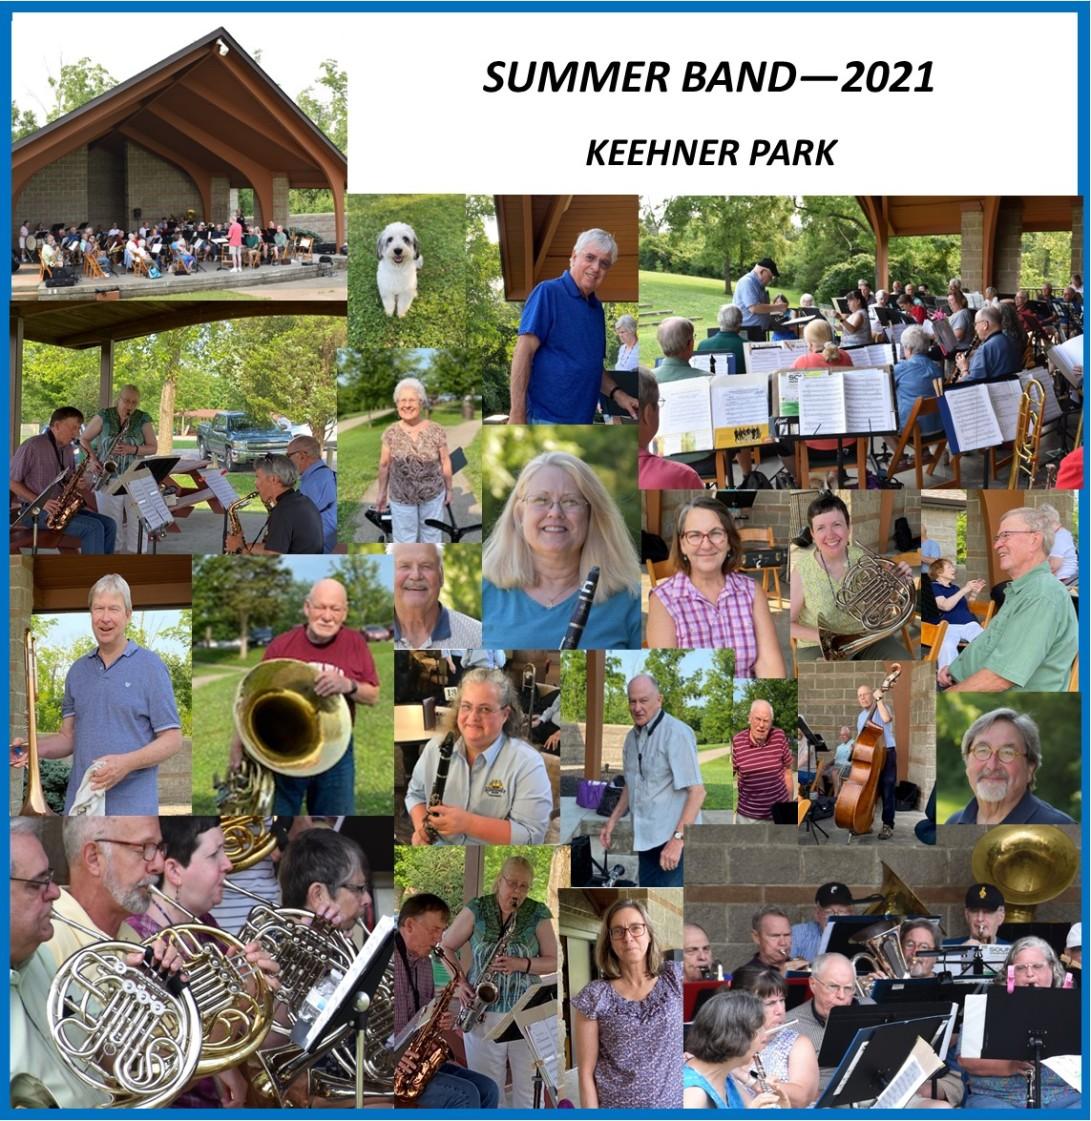 Summer Band 2021